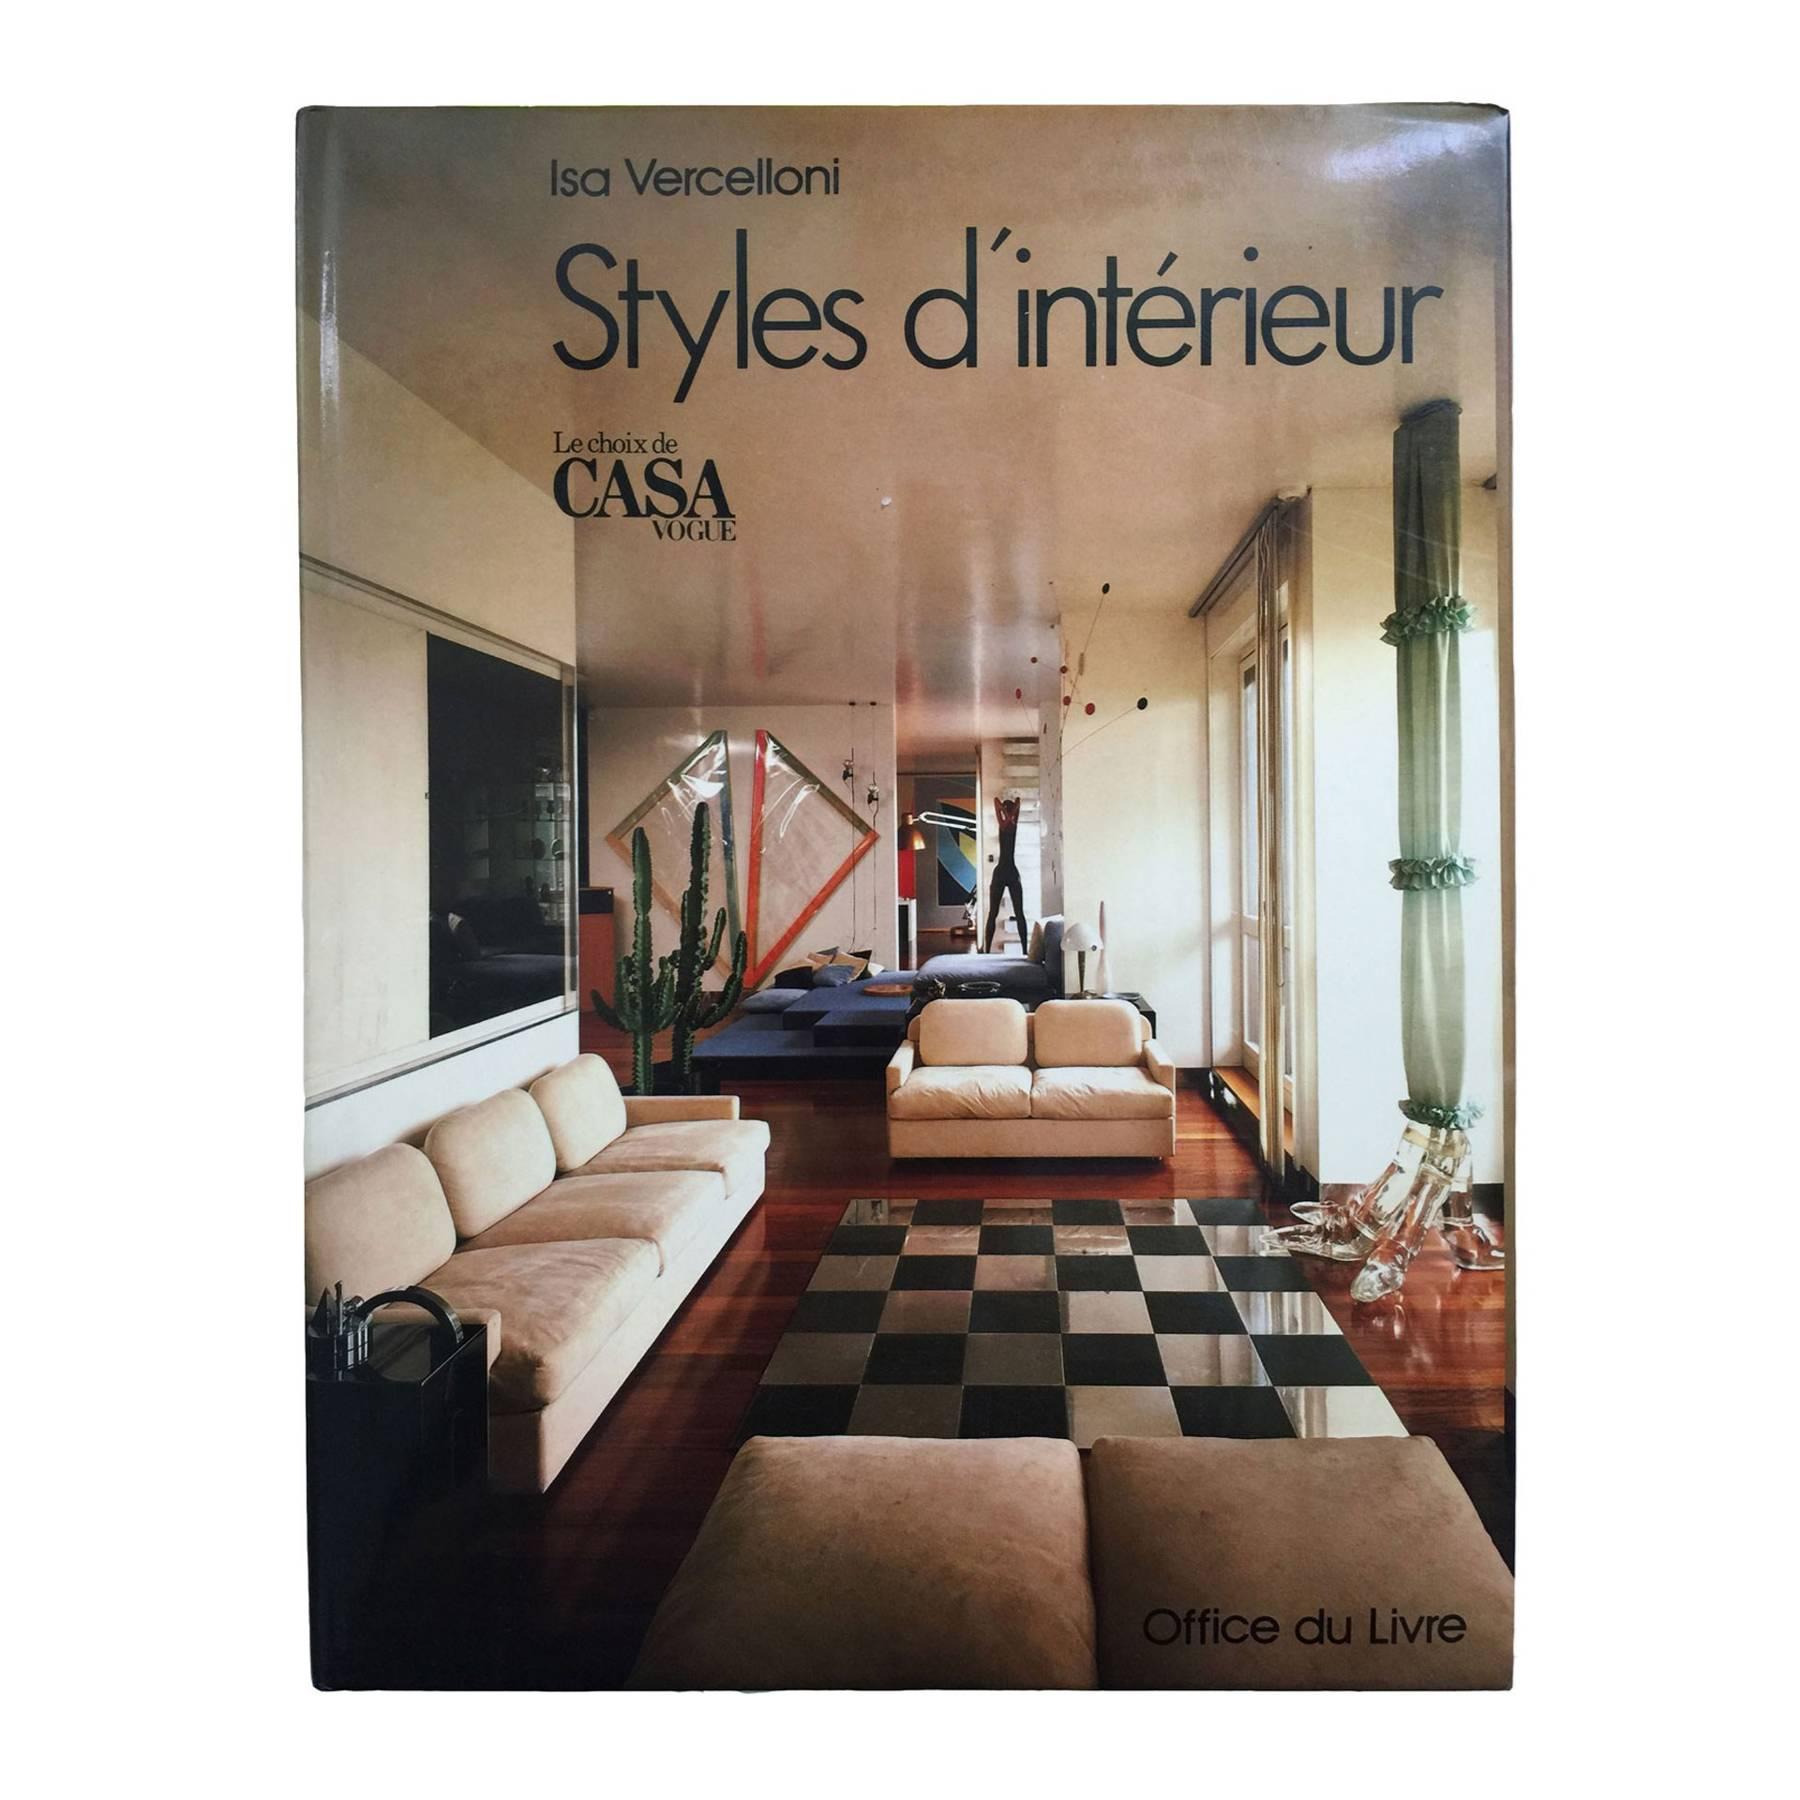 Livre Architecture D Intérieur idea books - top vintage interior design architecture books